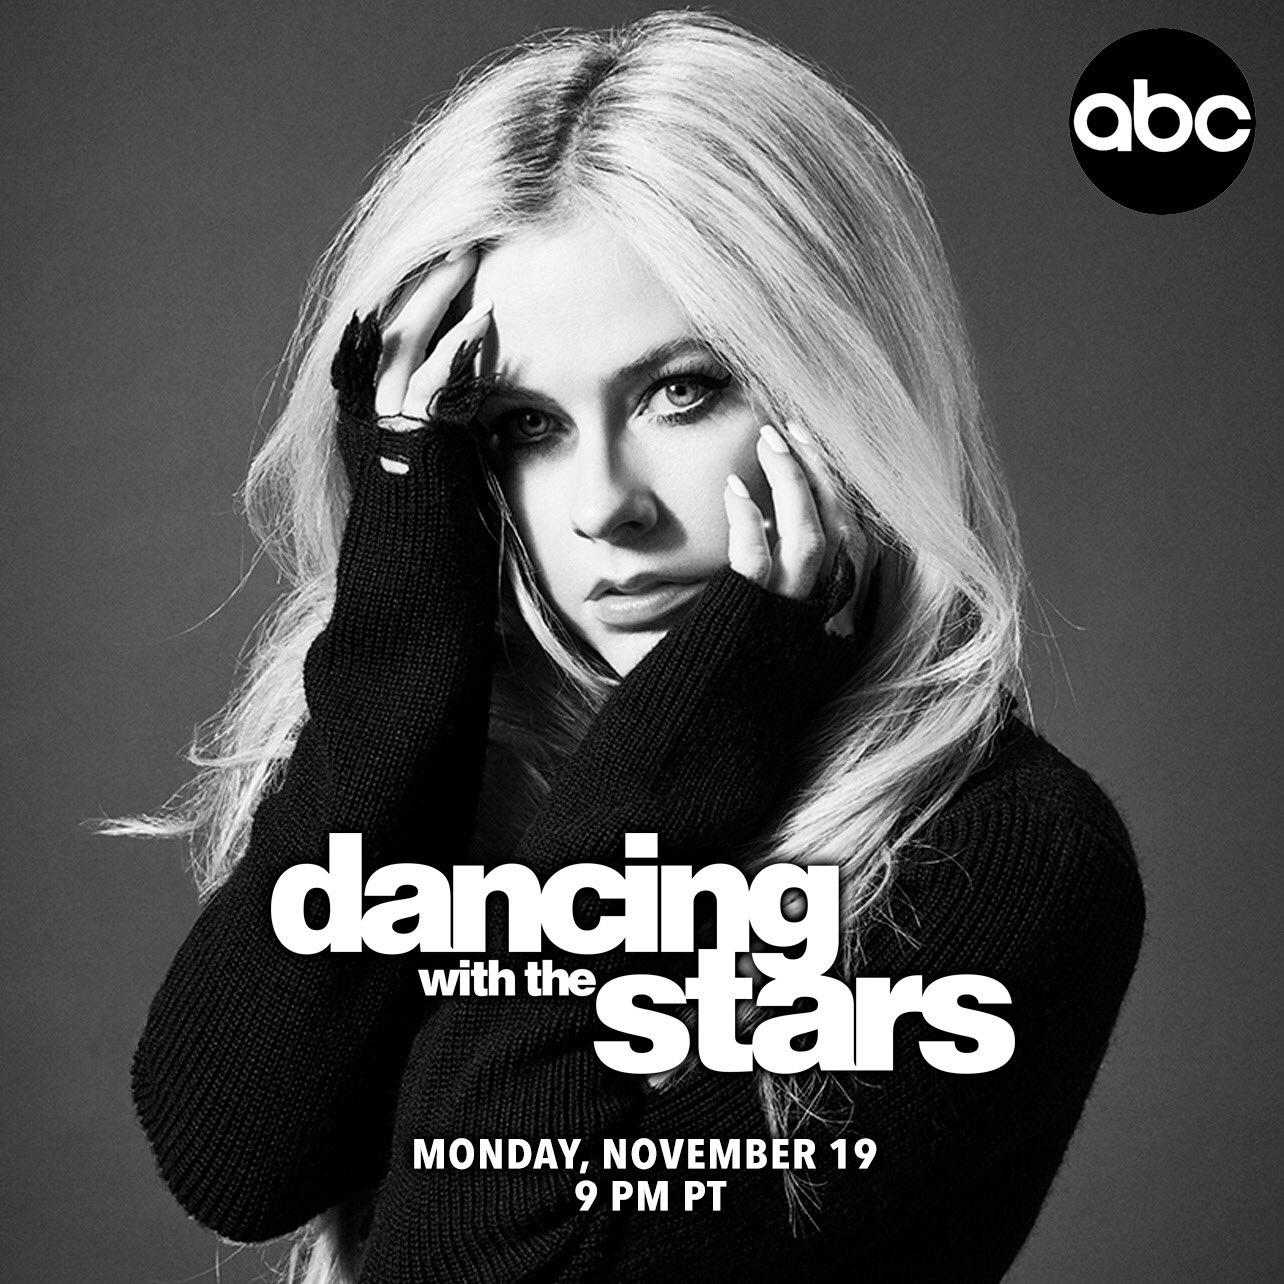 Tomorrow, 9 pm PT. @DancingABC �� #HeadAboveWater #DWTS https://t.co/6mVbZVUZ2F